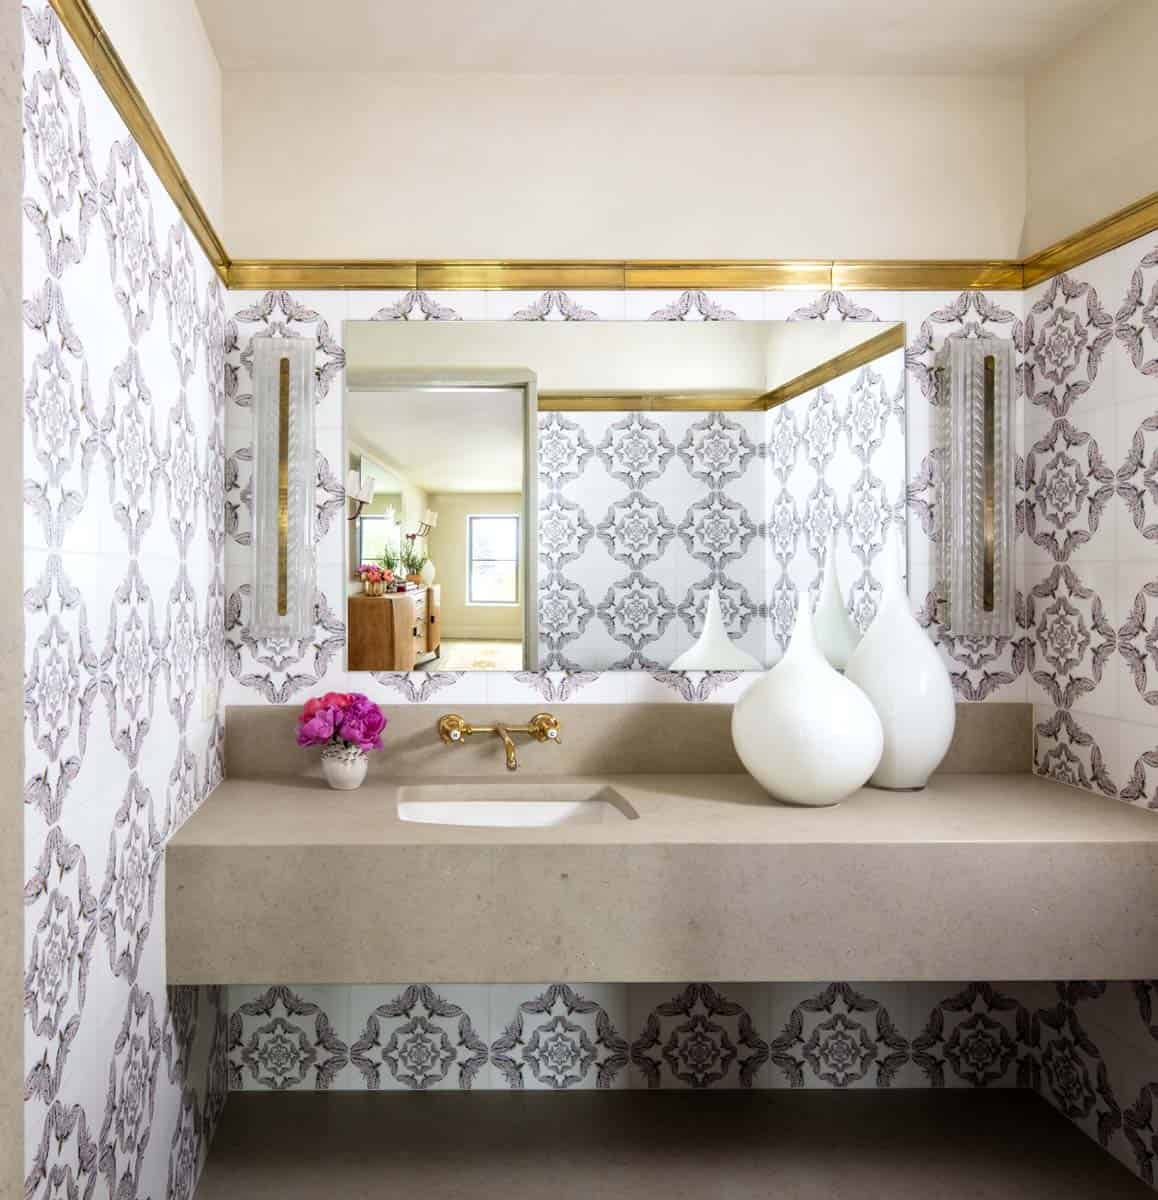 salle de bain en poudre de style ferme